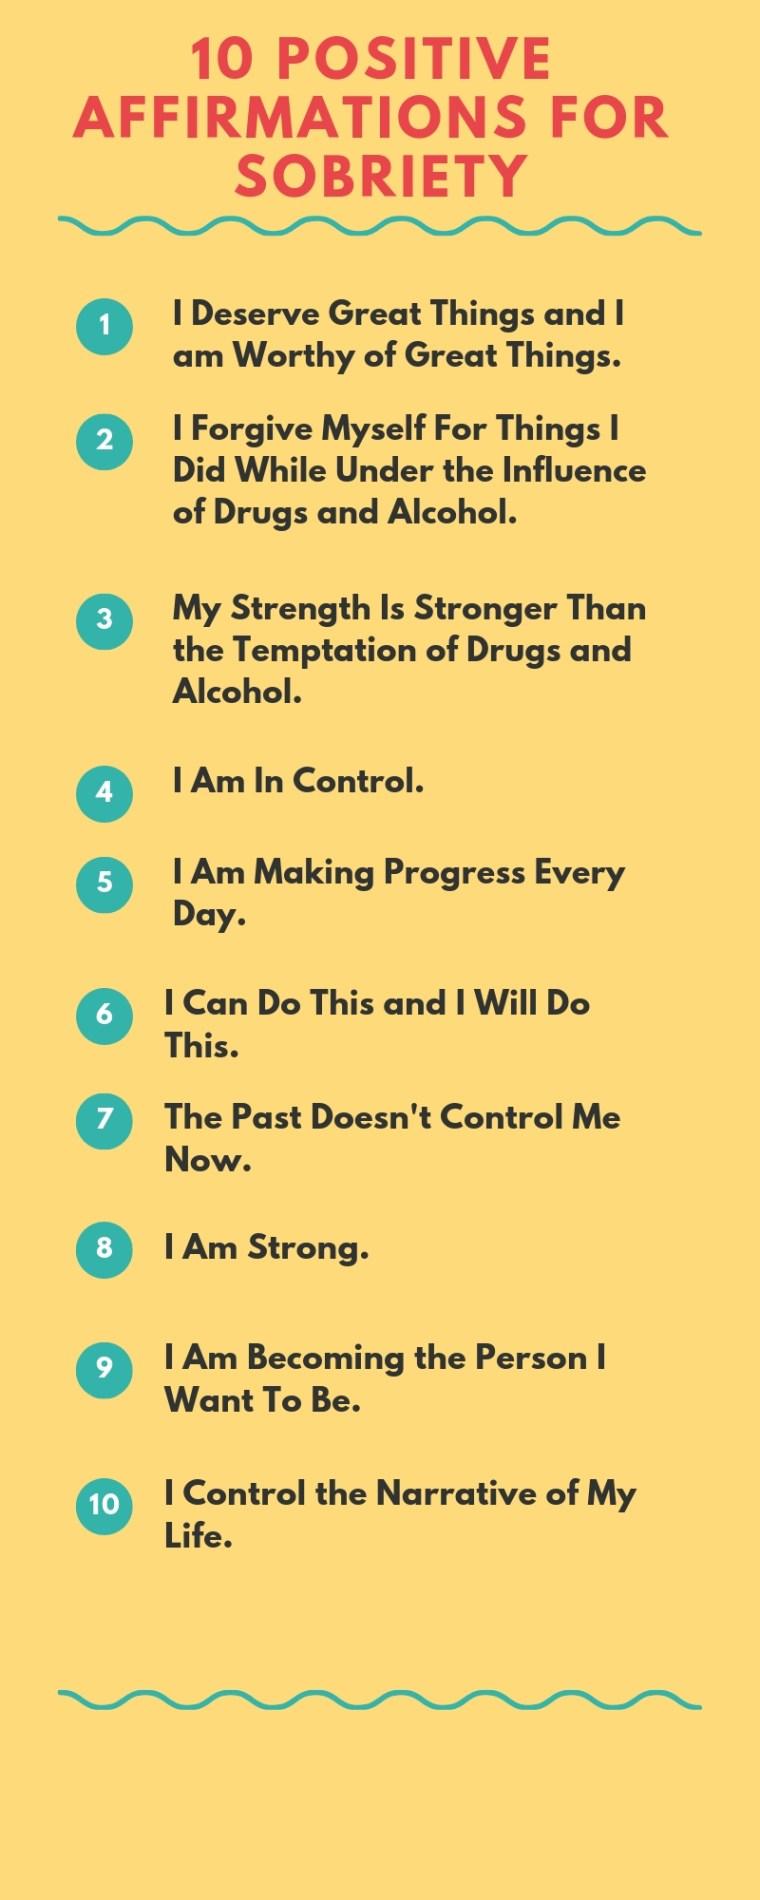 affirmations, positive affirmations, affirmations in recovery, positive affirmations, affirmations to stay sober